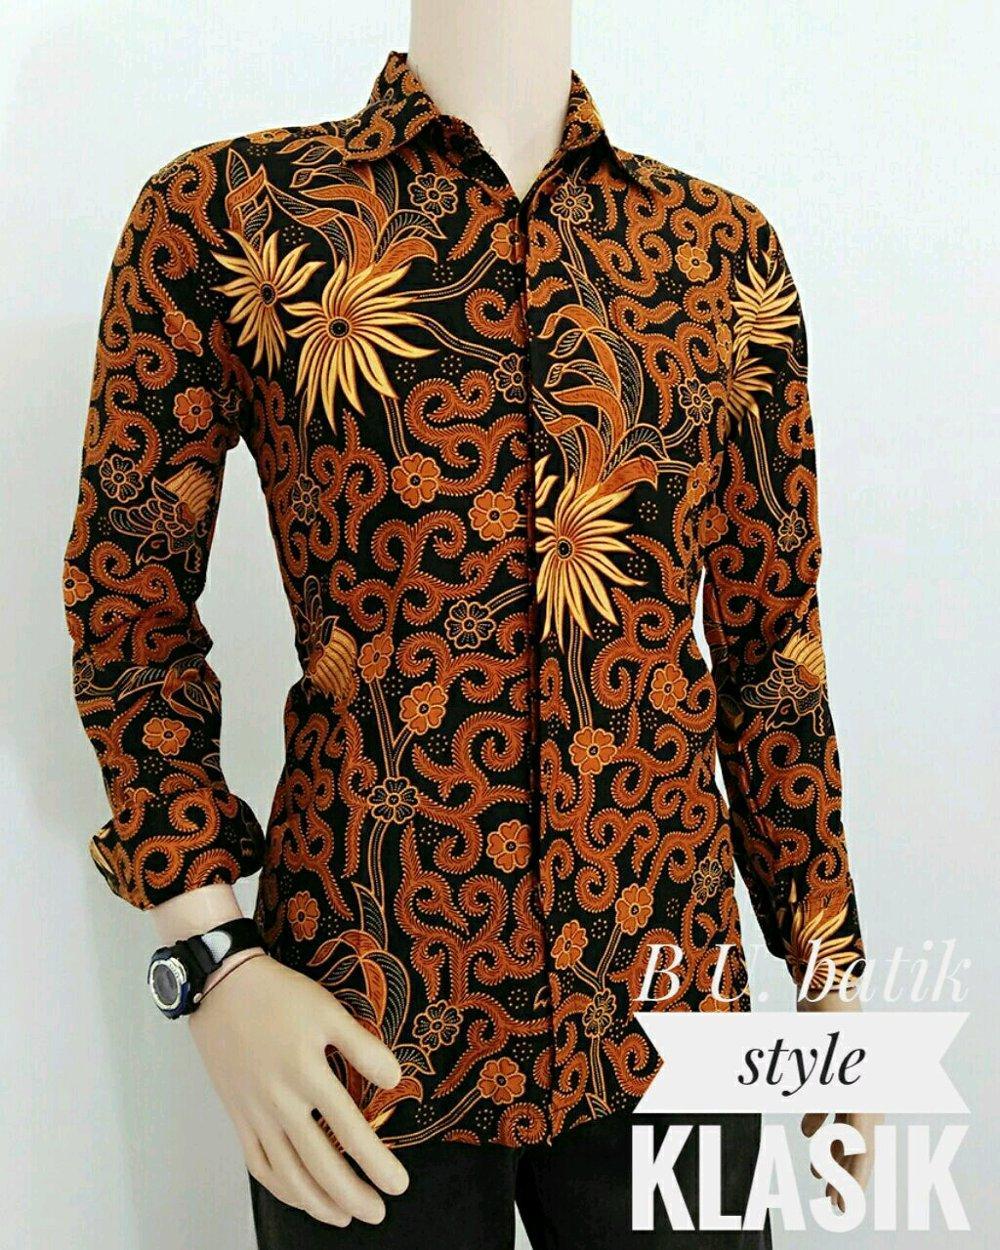 baju batik lengan panjang busana pria 6kl di lapak pradia batik pekalongan nanacantik308